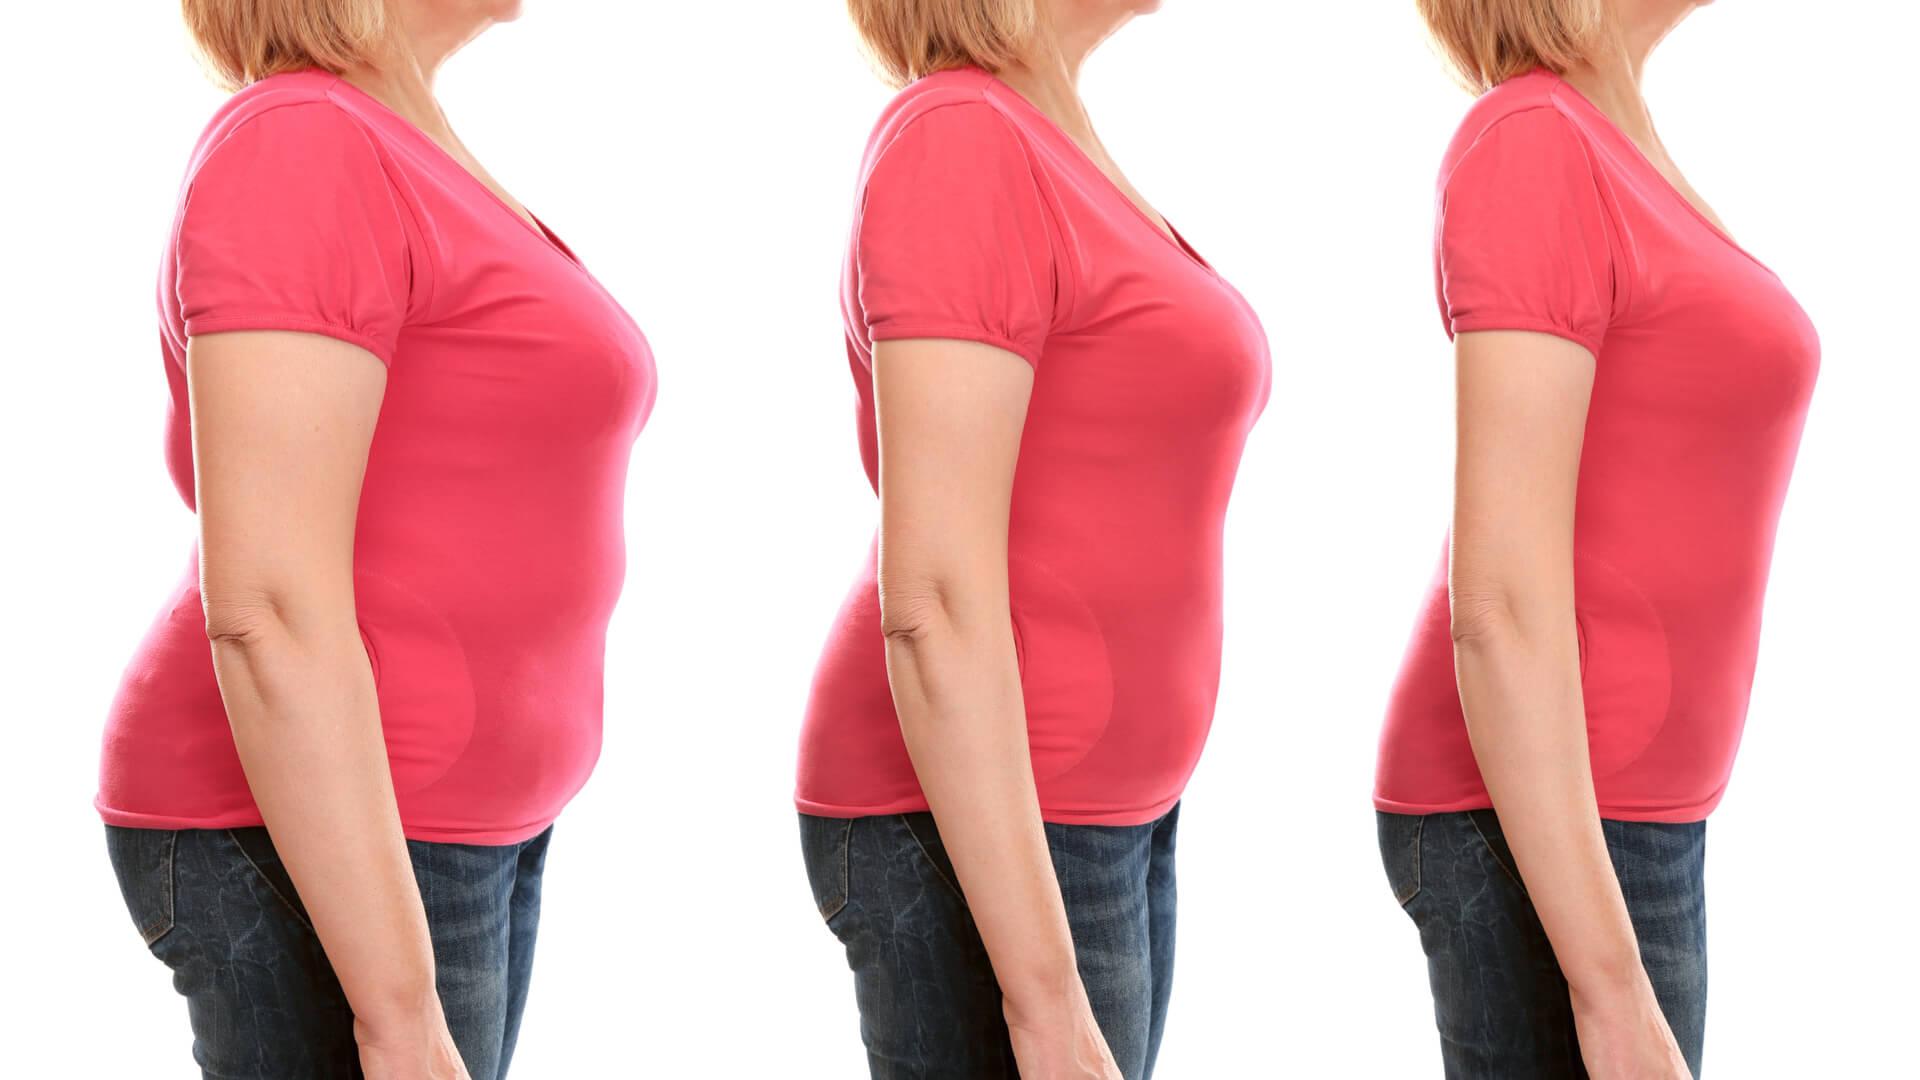 omul obez vrea să slăbească trebuie să slăbești în 7 săptămâni